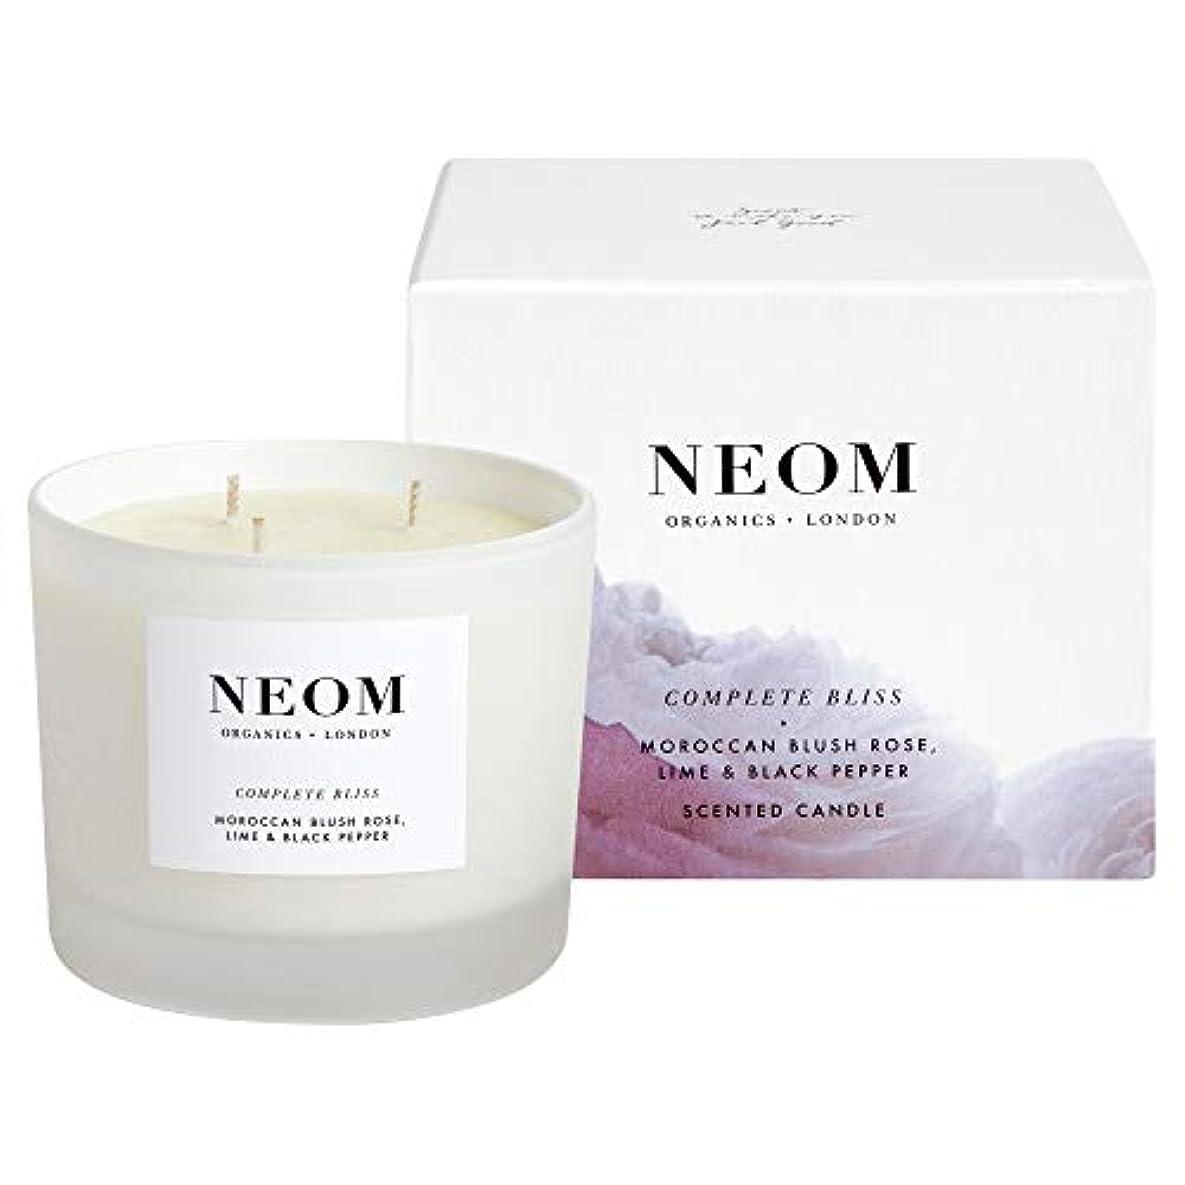 露鋸歯状雪だるま[Neom] Neom完全な至福3芯キャンドル420グラム - Neom Complete Bliss 3 Wick Candle 420g [並行輸入品]